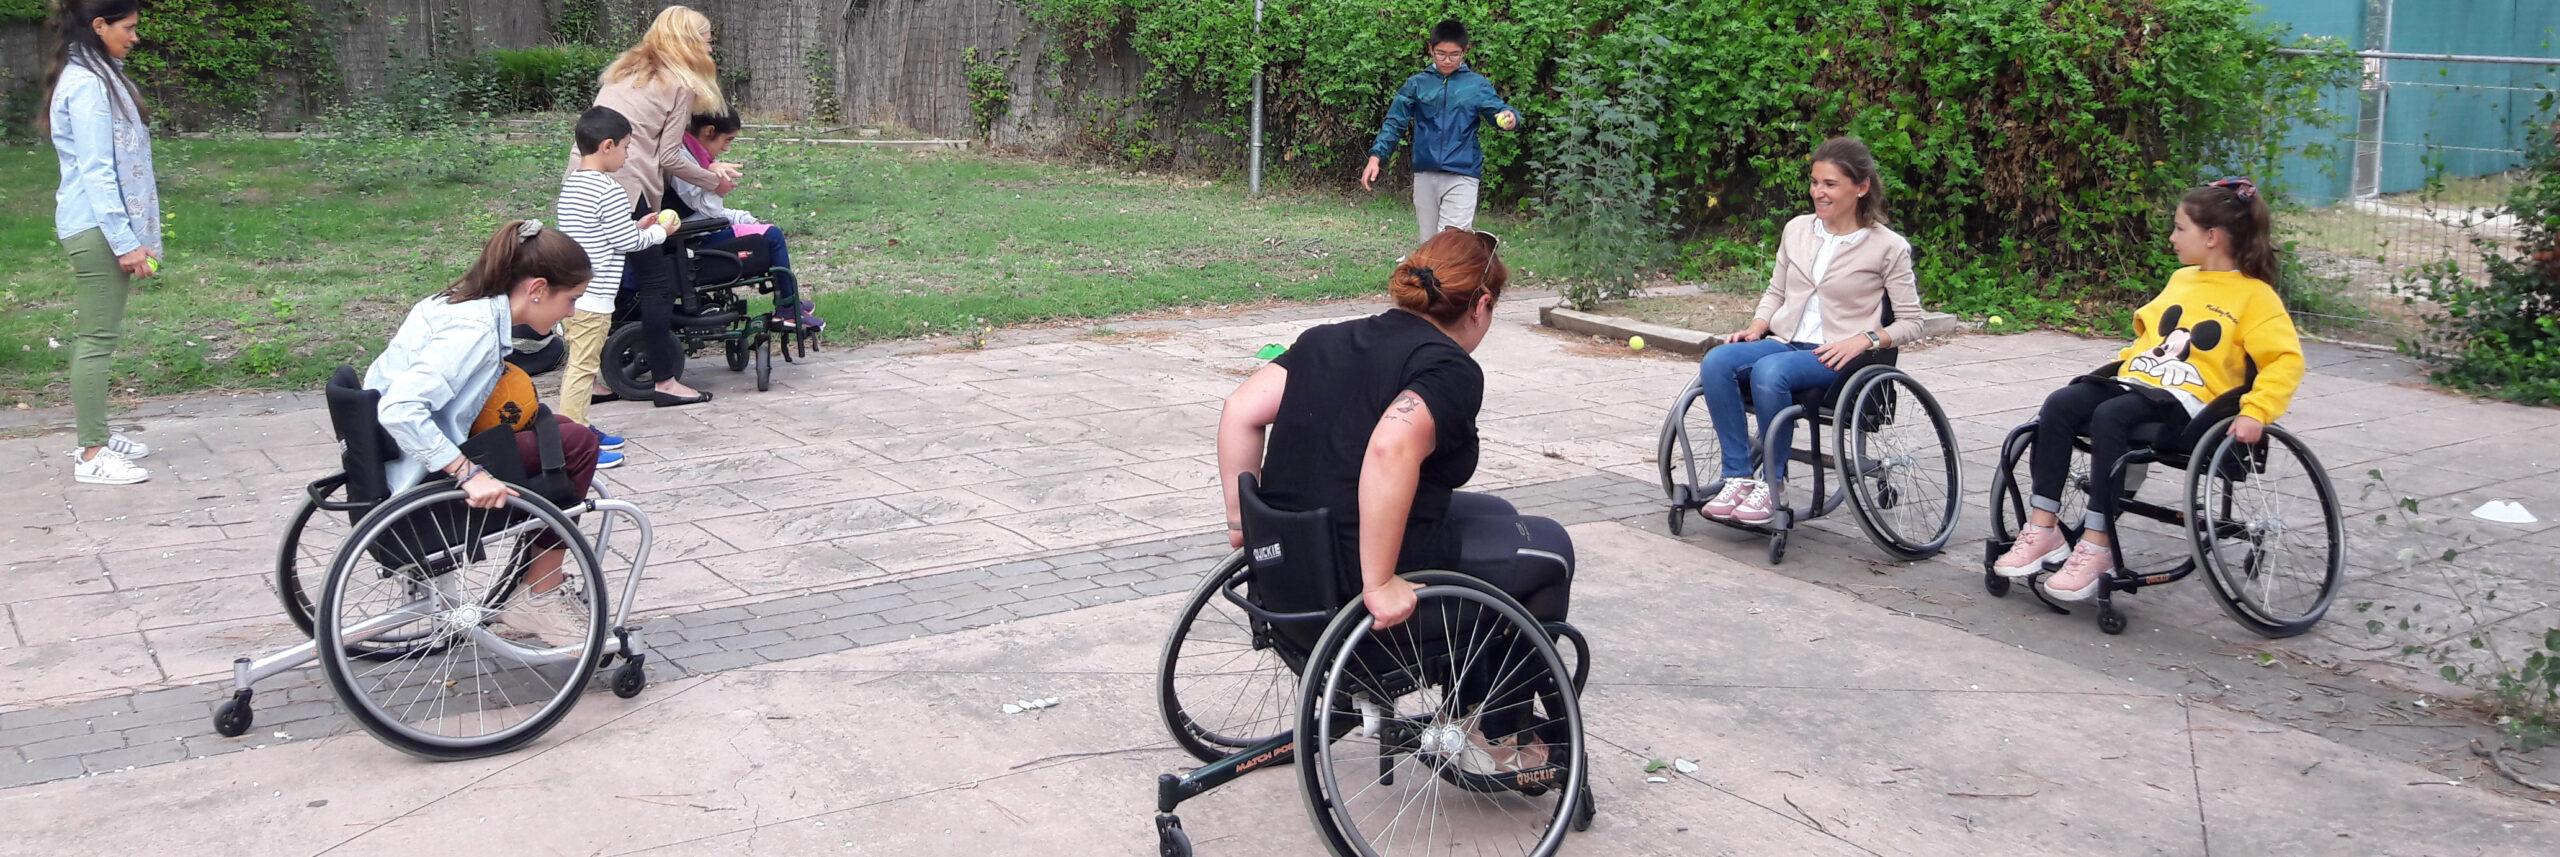 Nos unimos en valores y propósito a Fundación Deporte y Desafío, una institución referente que trabaja por la inclusividad y la integración de personas con discapacidad